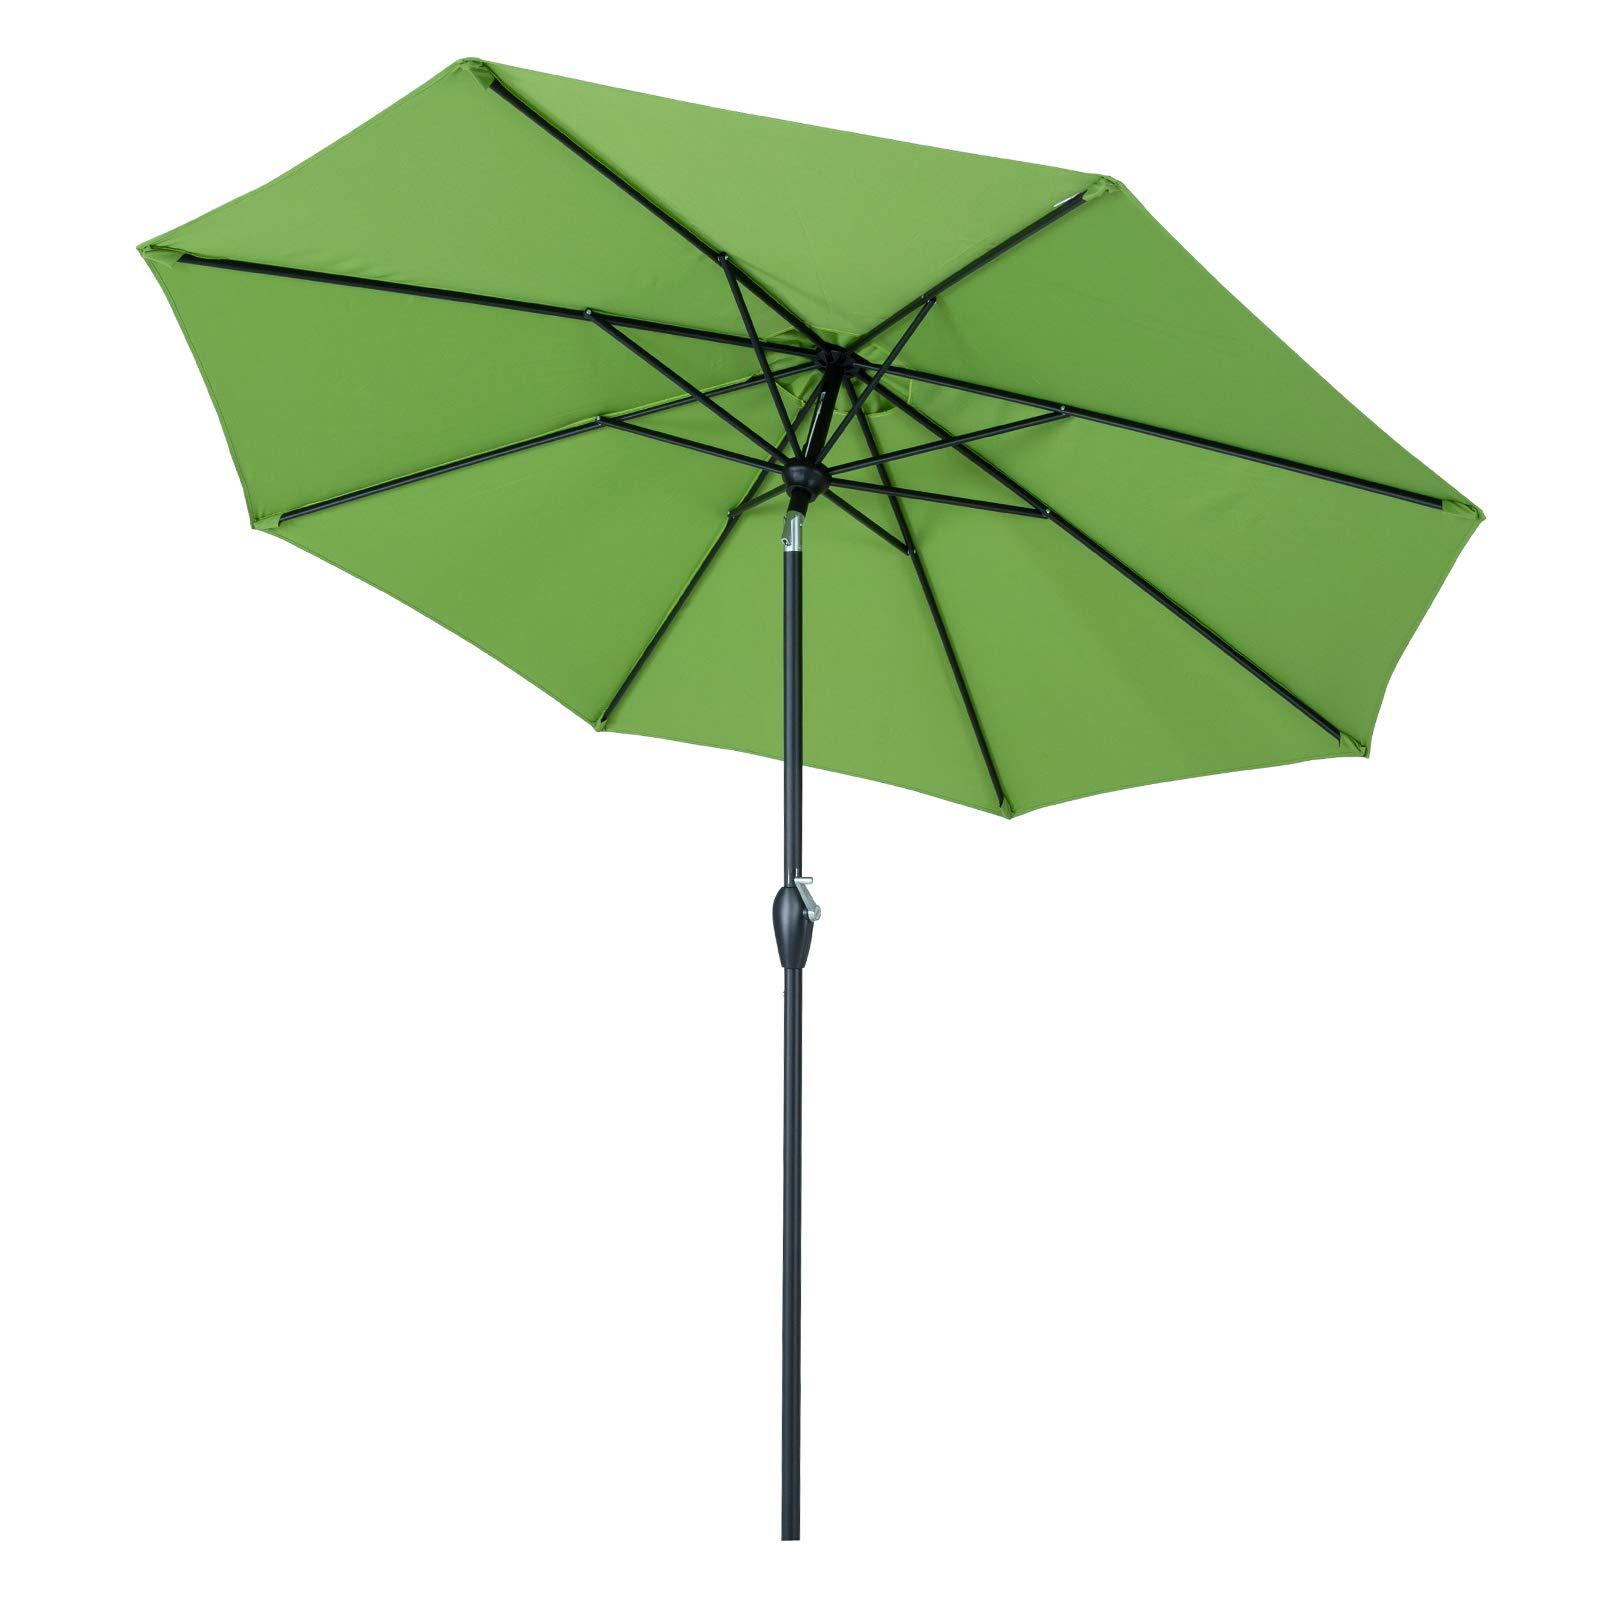 Tempera 9 ft Auto-Tilt Patio Umbrella Outdoor Market Table Umbrella, 8 Steel Ribs, Green